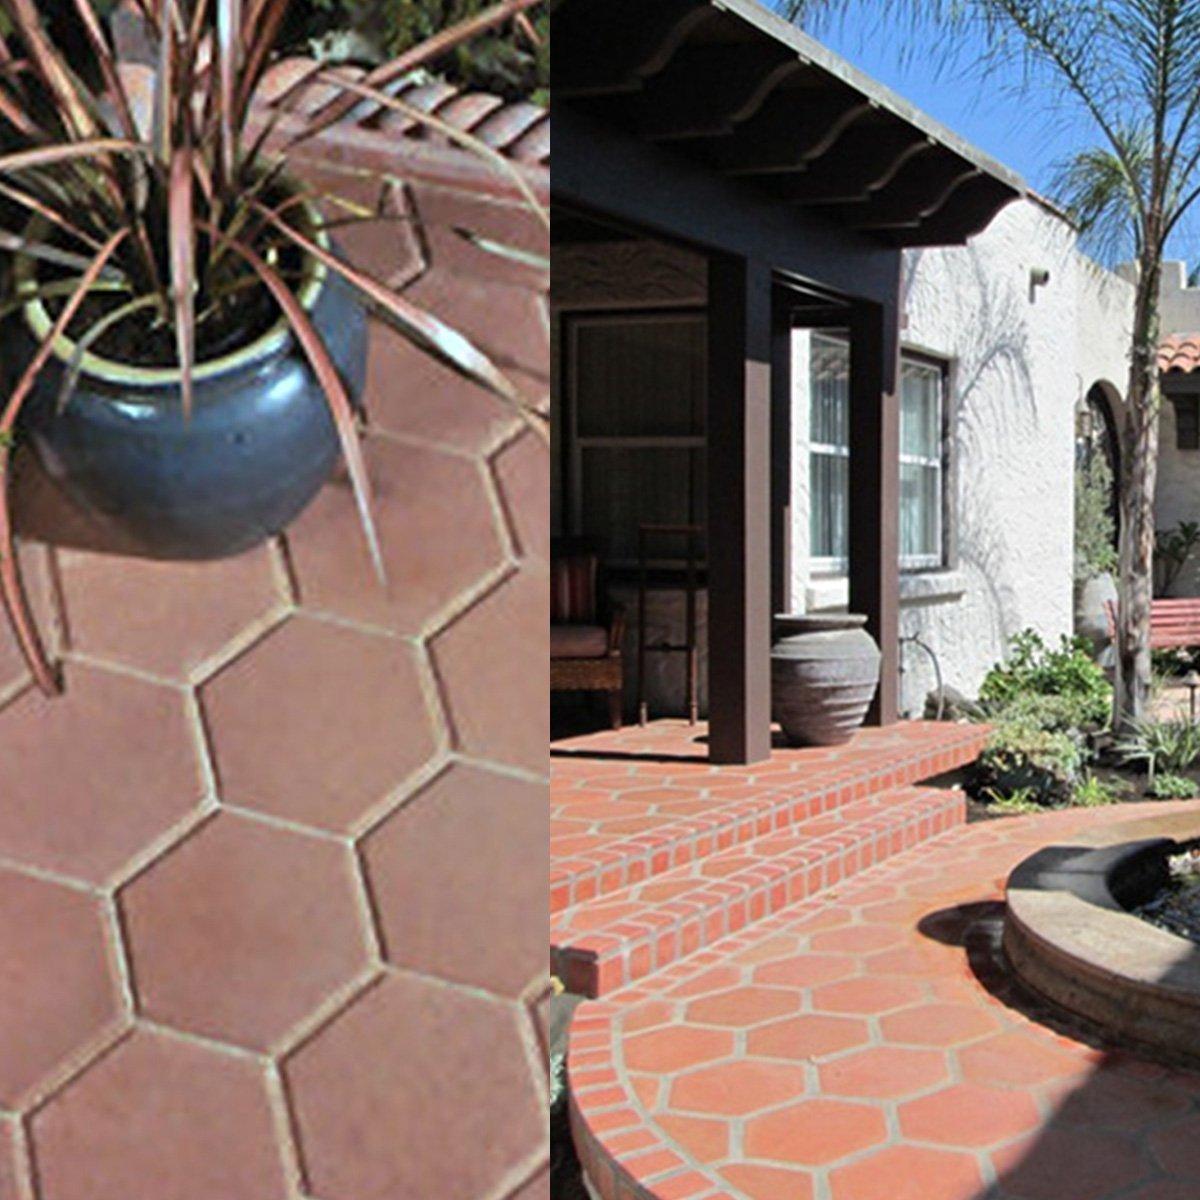 Amazon.com: FEESHOW - Molde de ladrillo hexagonal para hacer ...